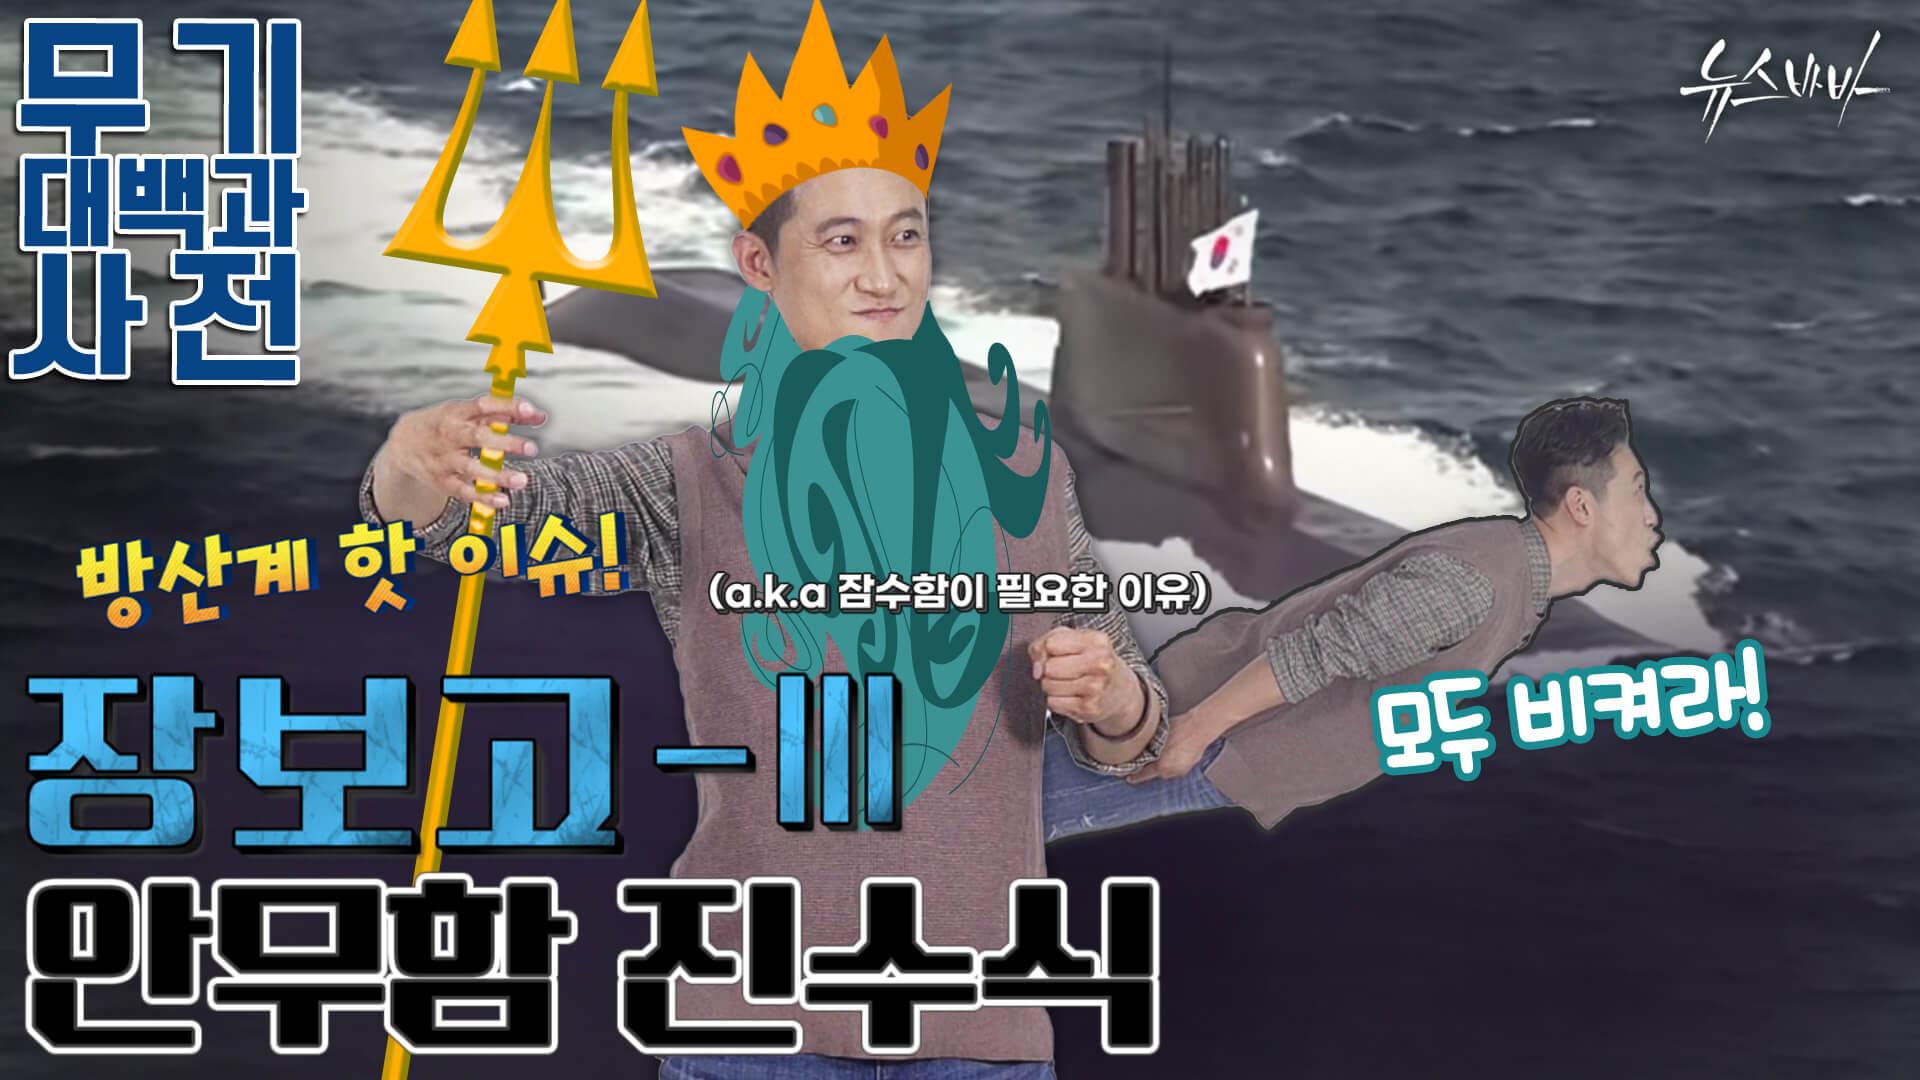 [뉴스바바] 방산계 핫이슈! 장보